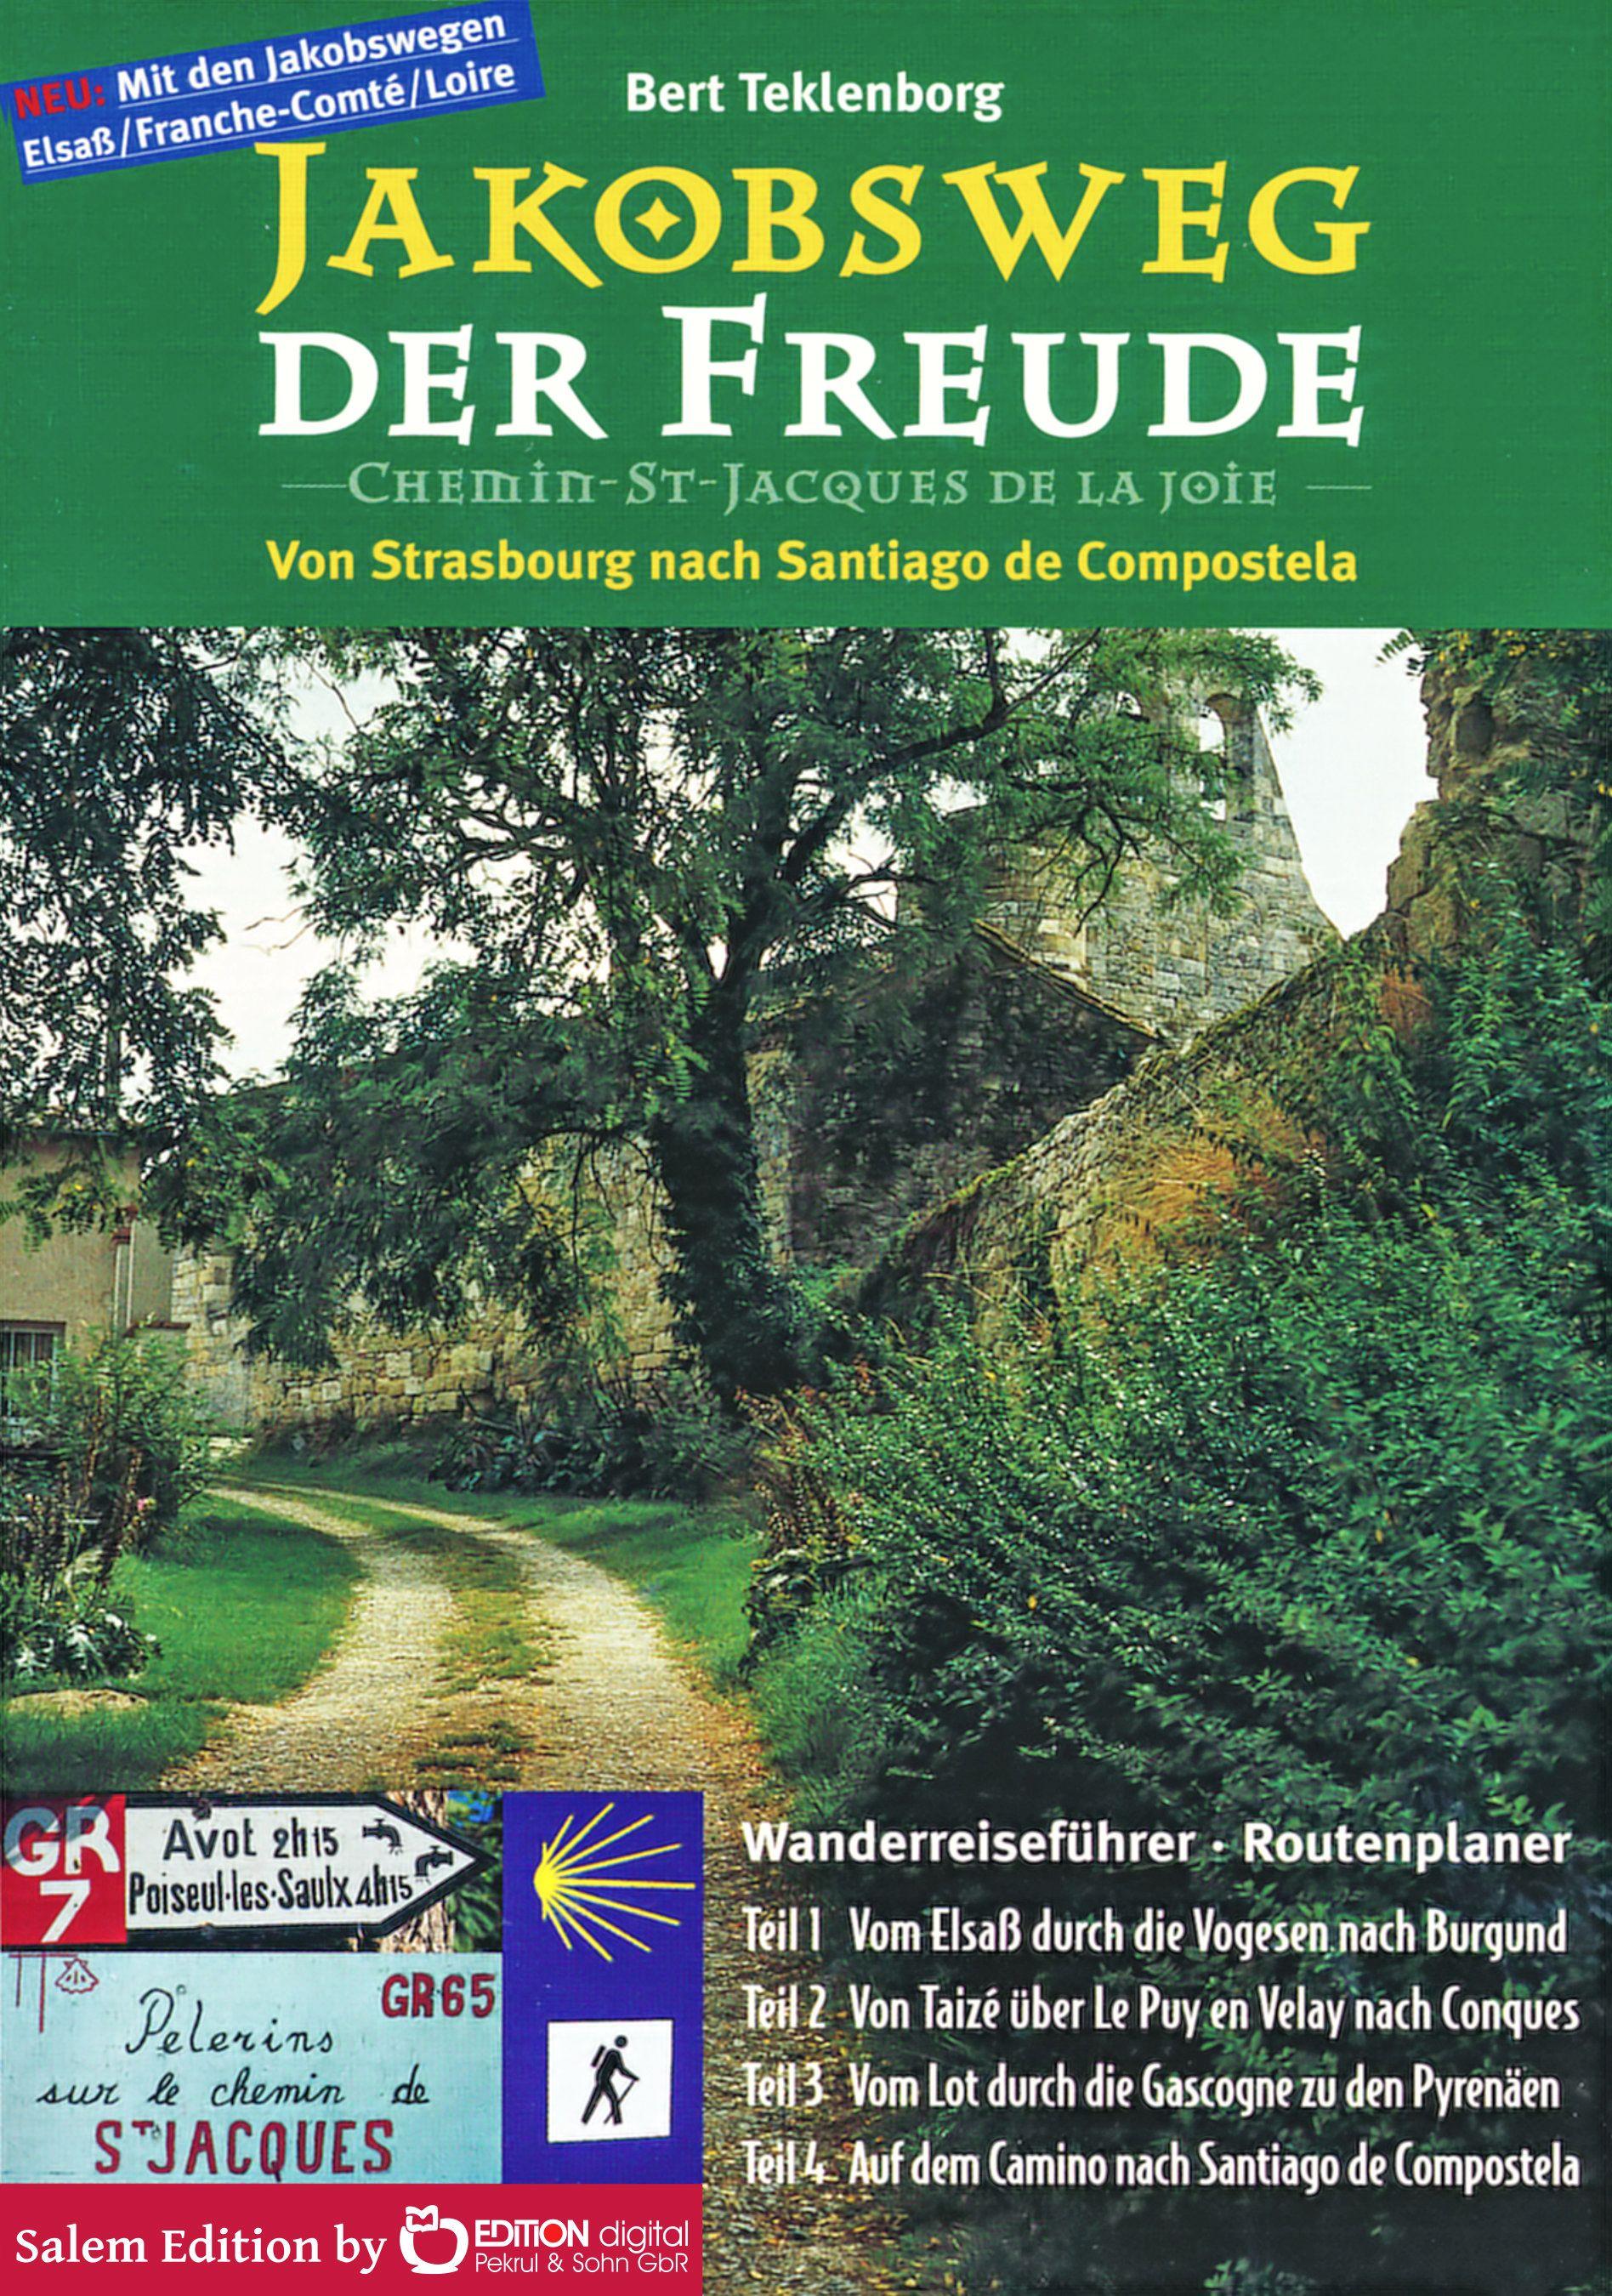 Jakobsweg der Freude. Von Strassburg nach Santiago de Compostela von Bert Teklenborg